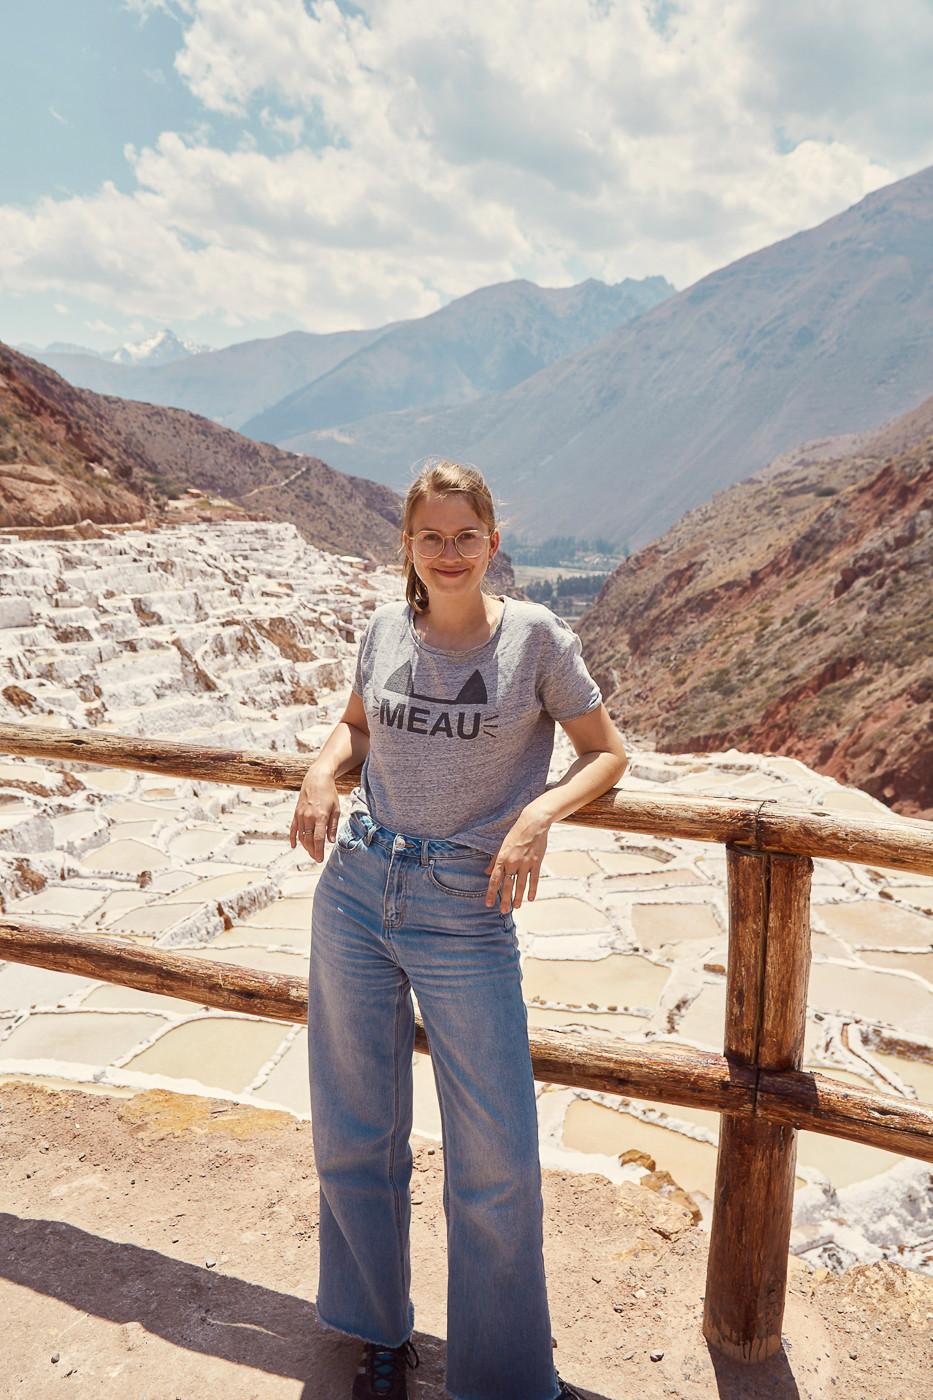 Seit 2019 gibt es in den Salzminen von Maras eine Aussichtsplatrform mit Geländer. Die Salzfelder selbst darf man nicht mehr betreten